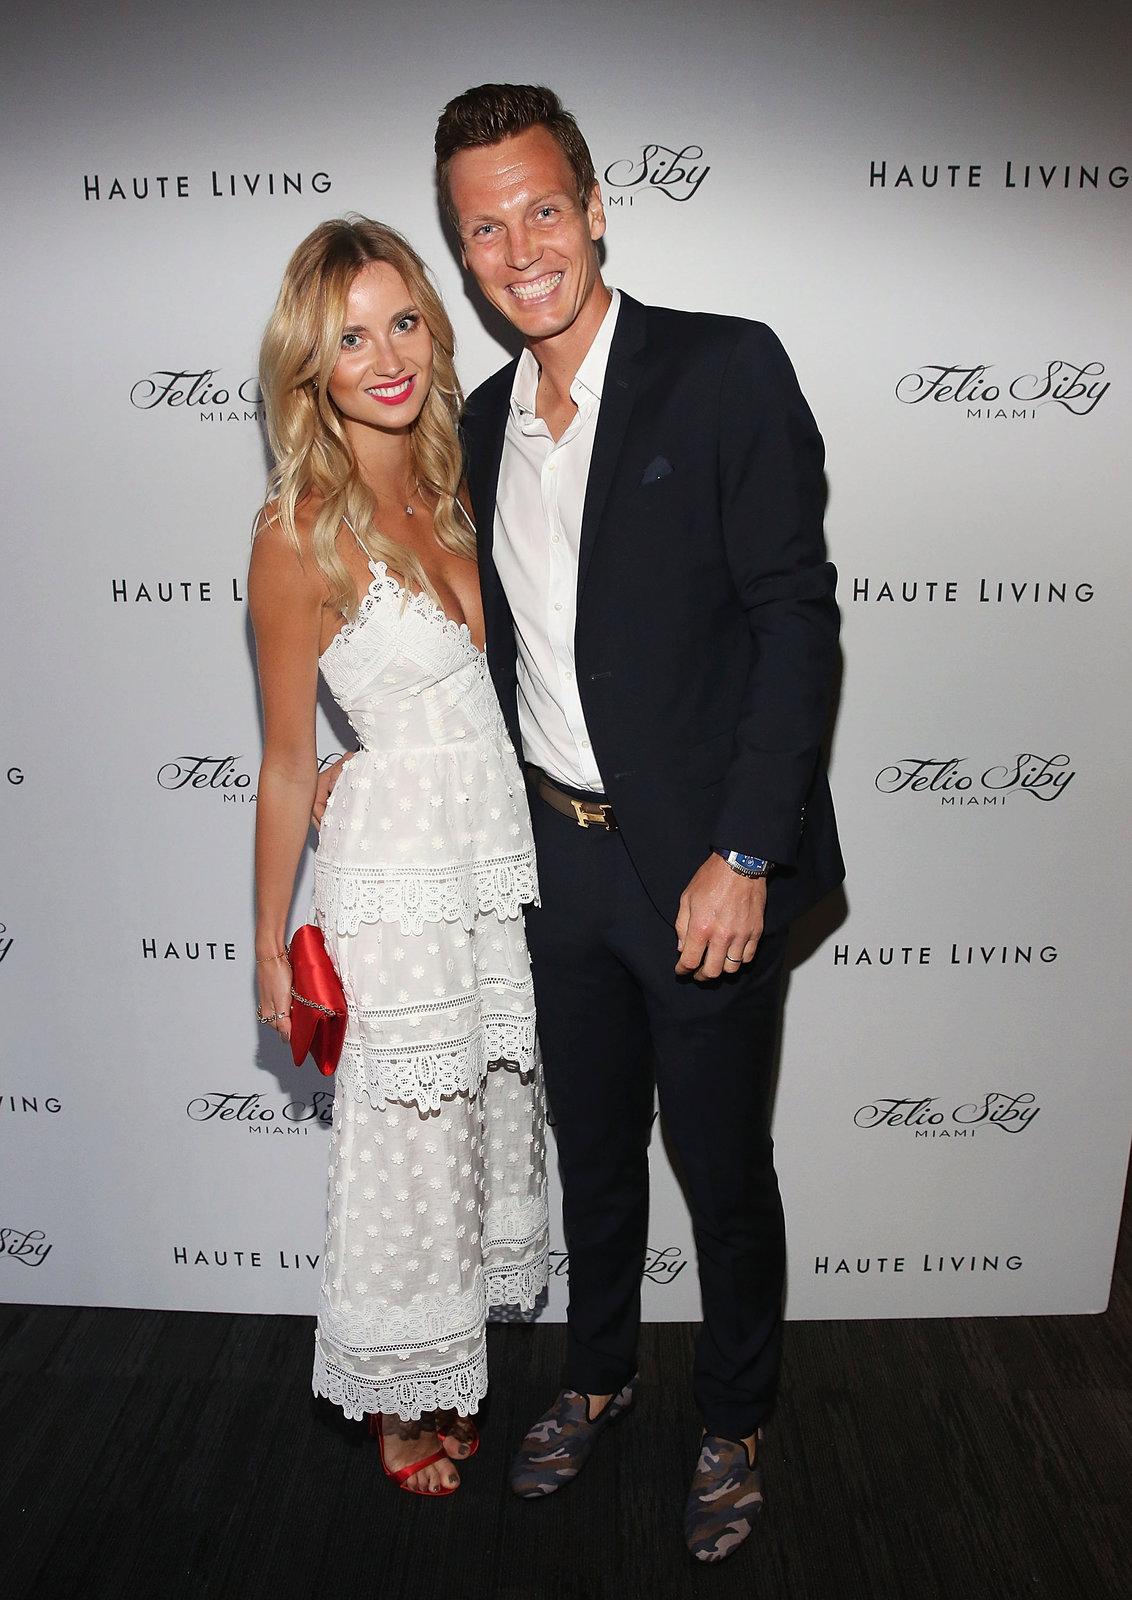 Manželé Berdychovi na miamské prezentaci módní značky Felio Siby, jejíž hodinky tenista nosí.